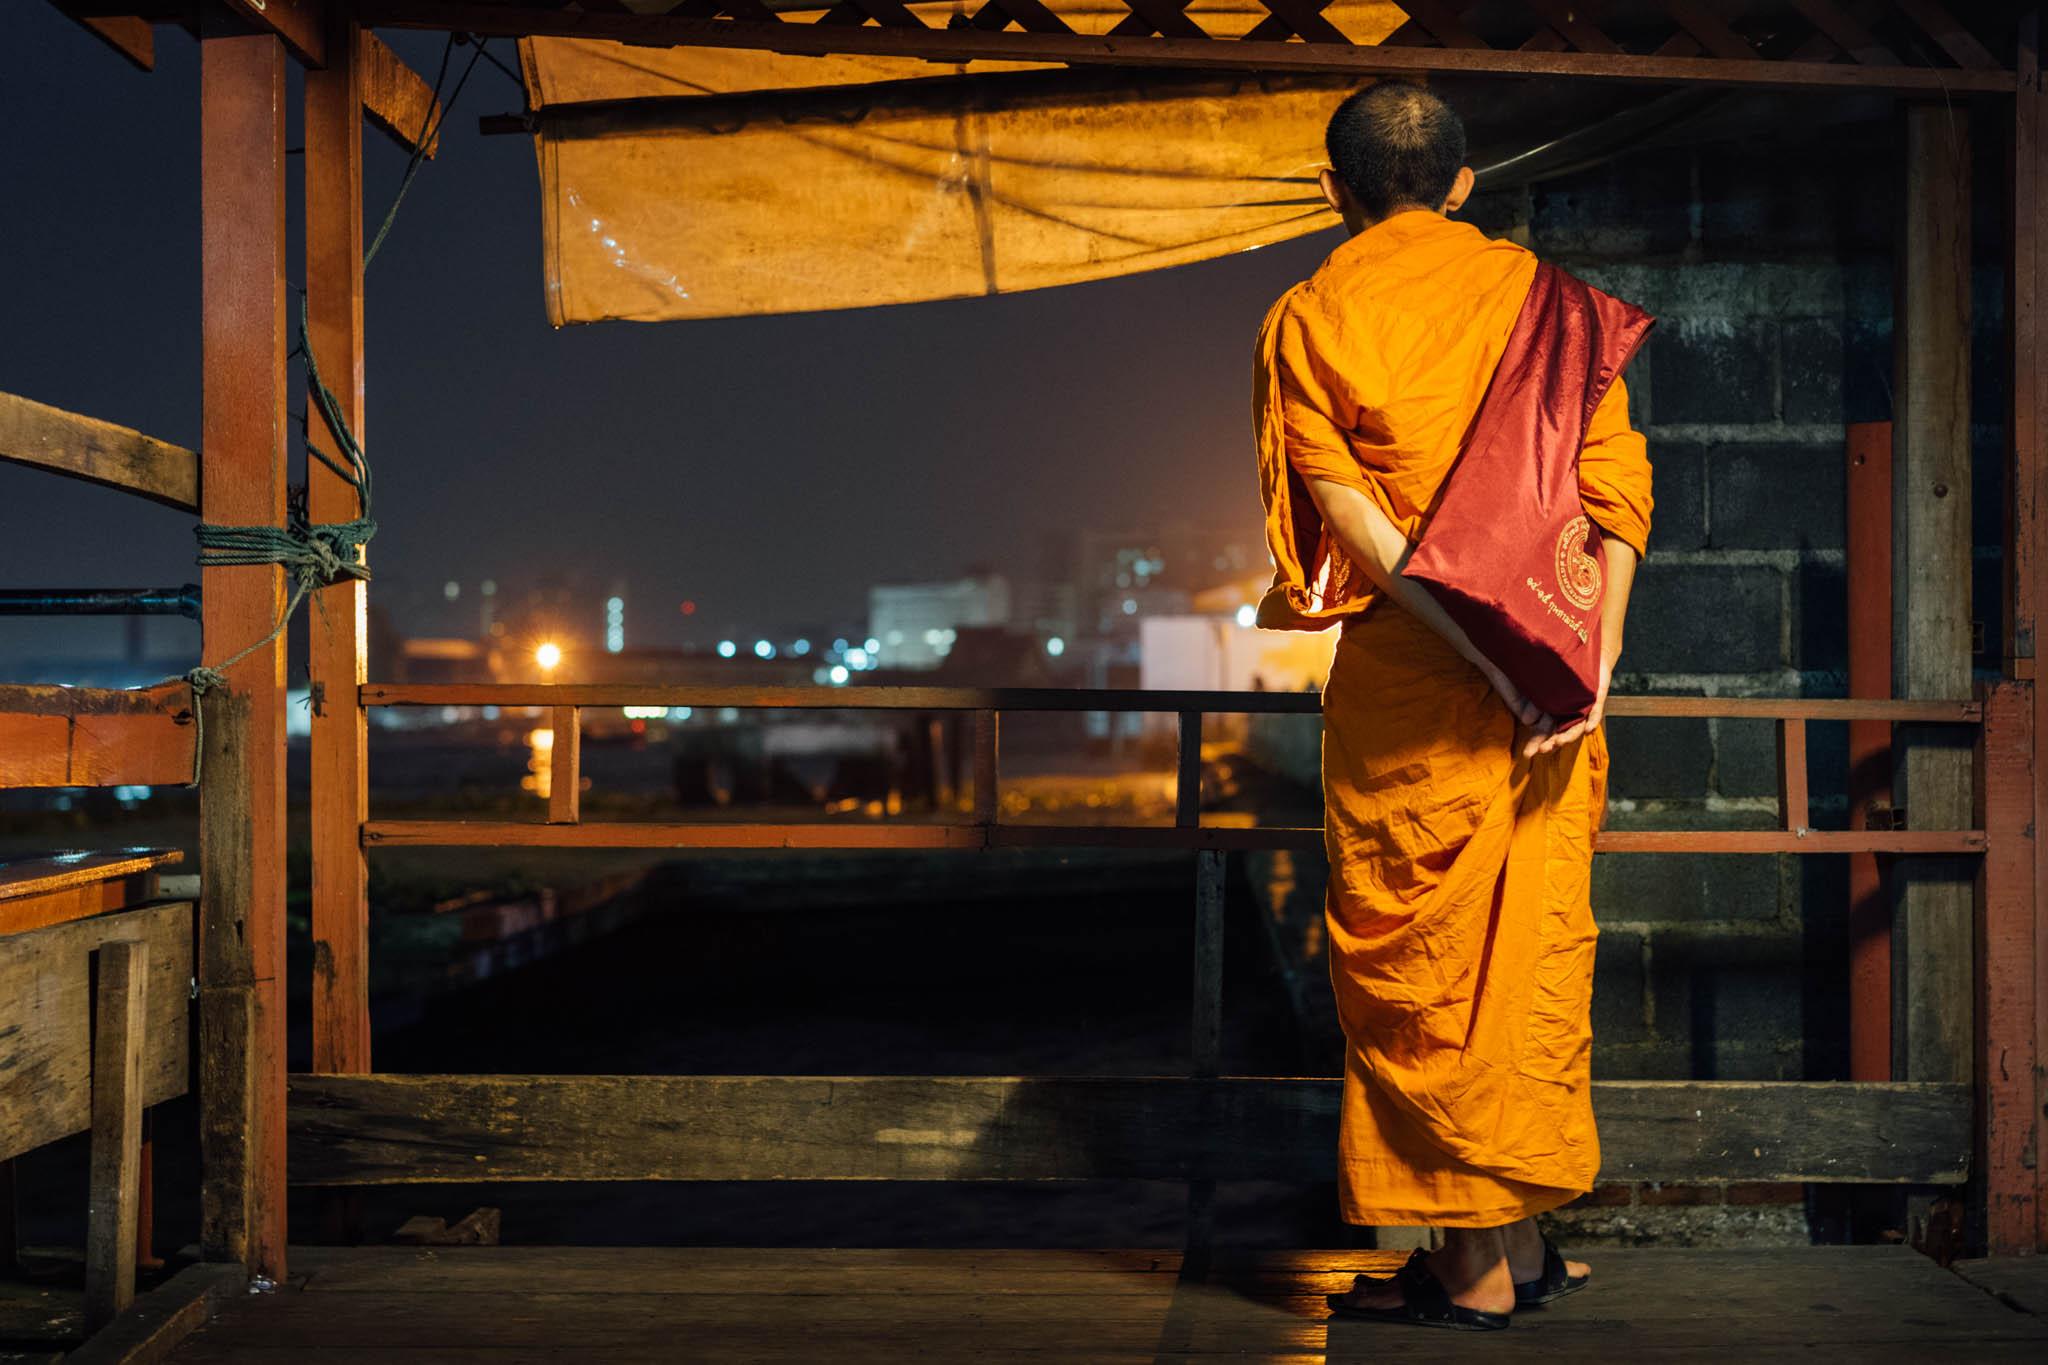 Moine Bangkok Nuit